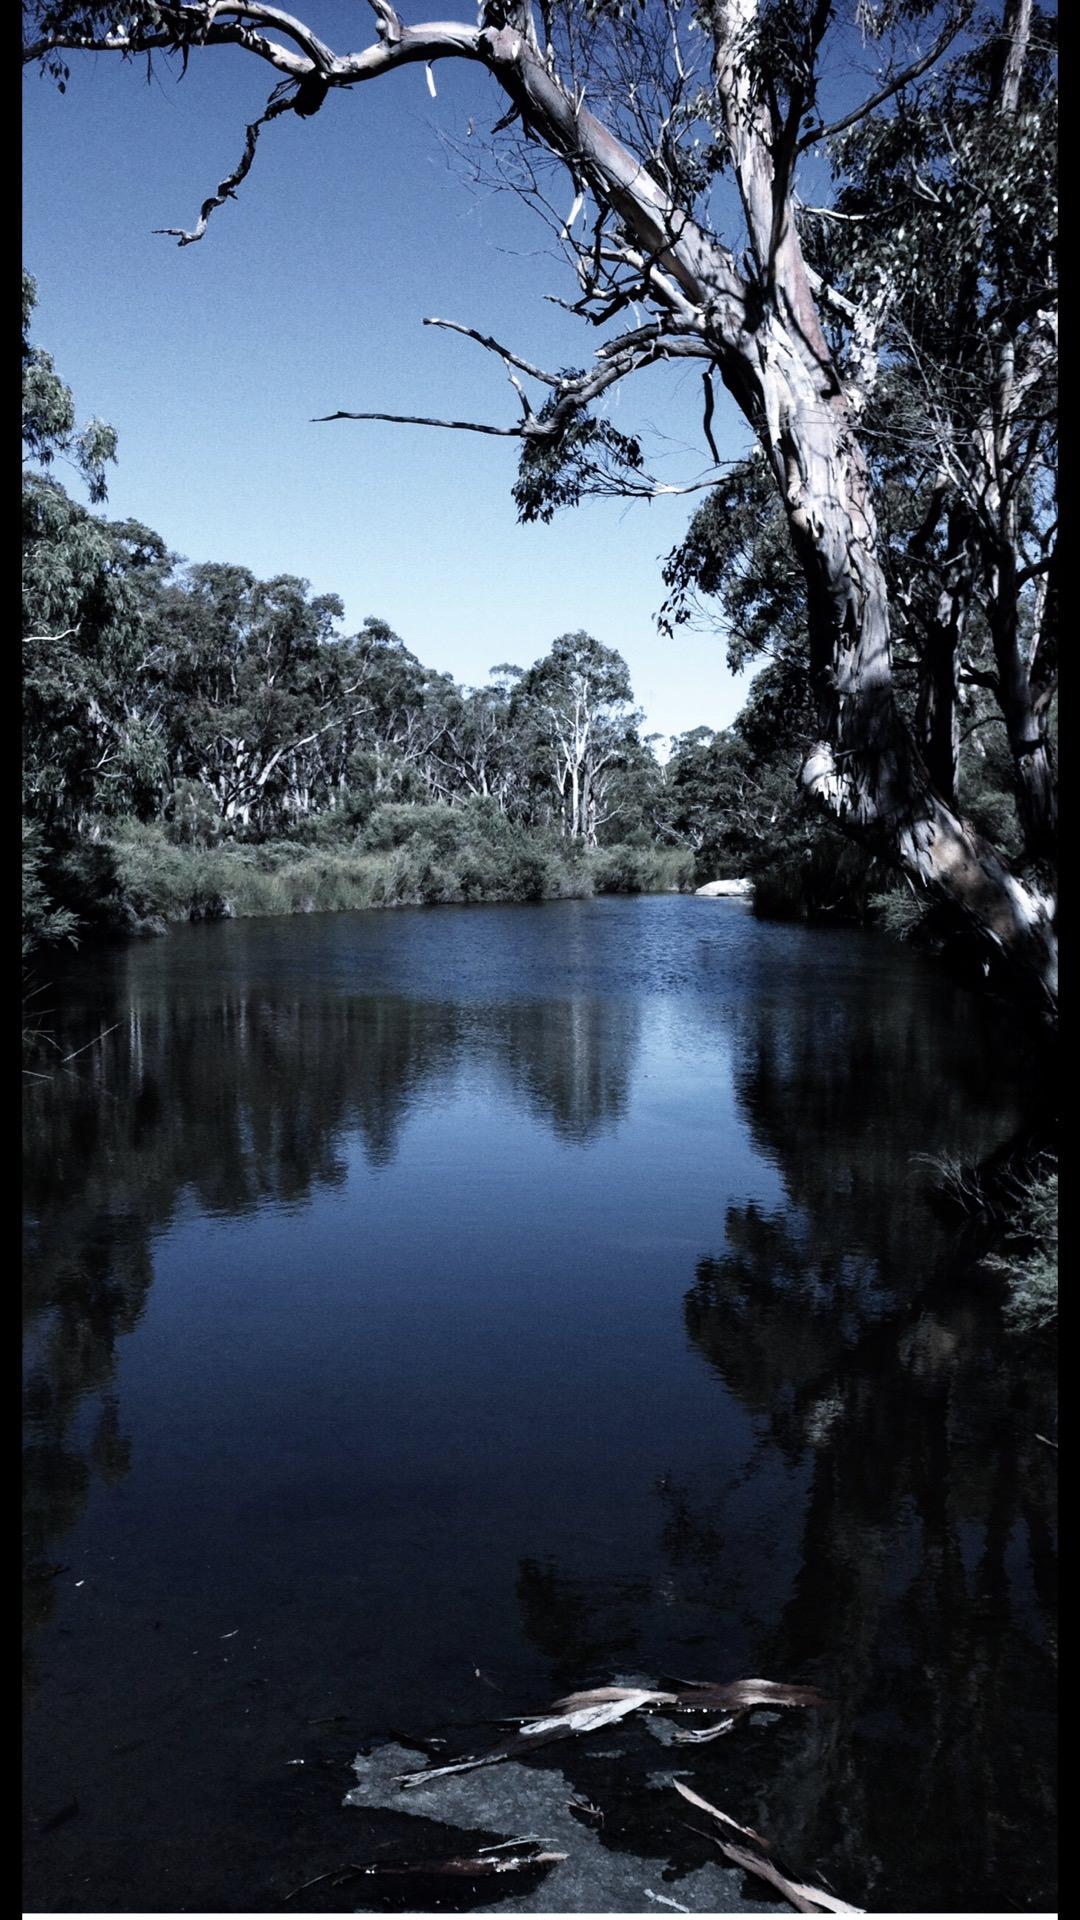 Alam Sungai Wallpapersc IPhone7Plus